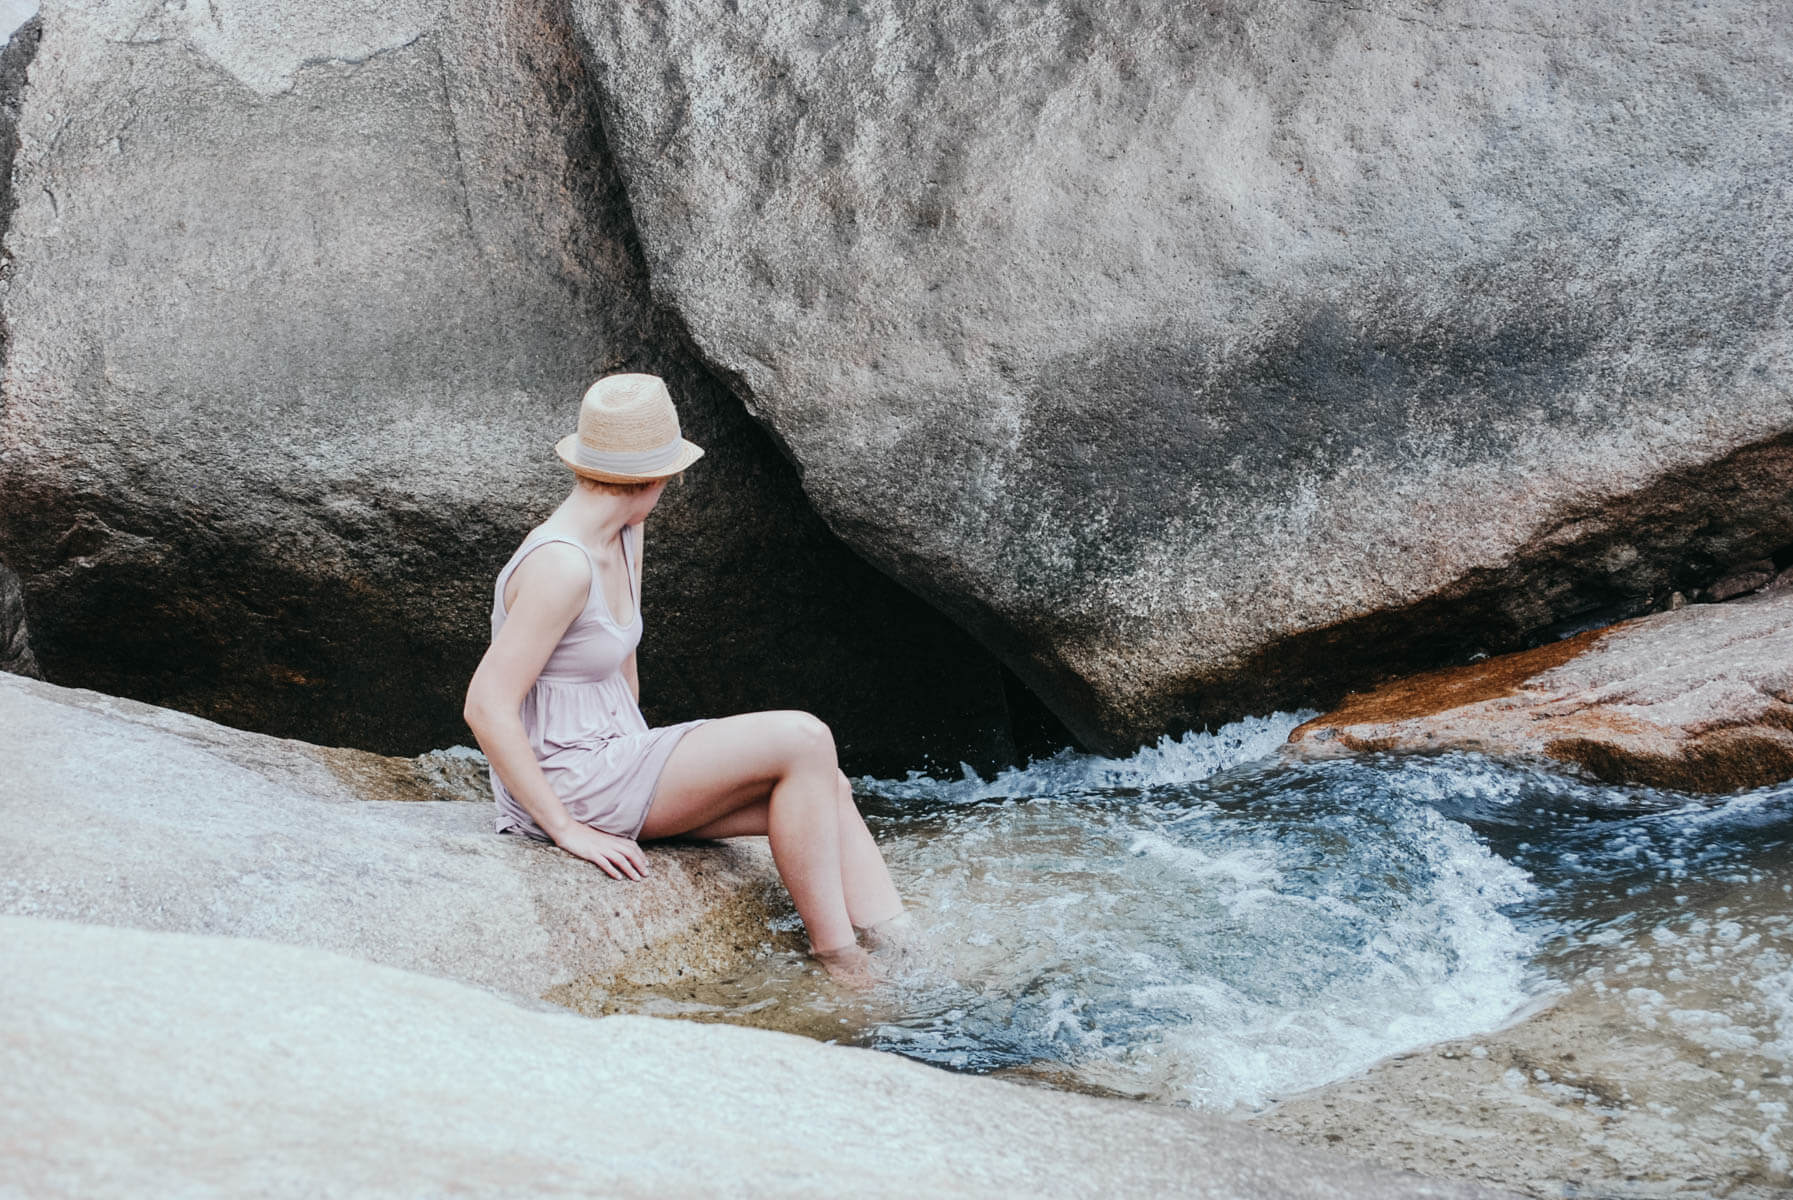 Warum wir aufhören sollten alleine zu reisen Frau badet Füße im Wasserfall